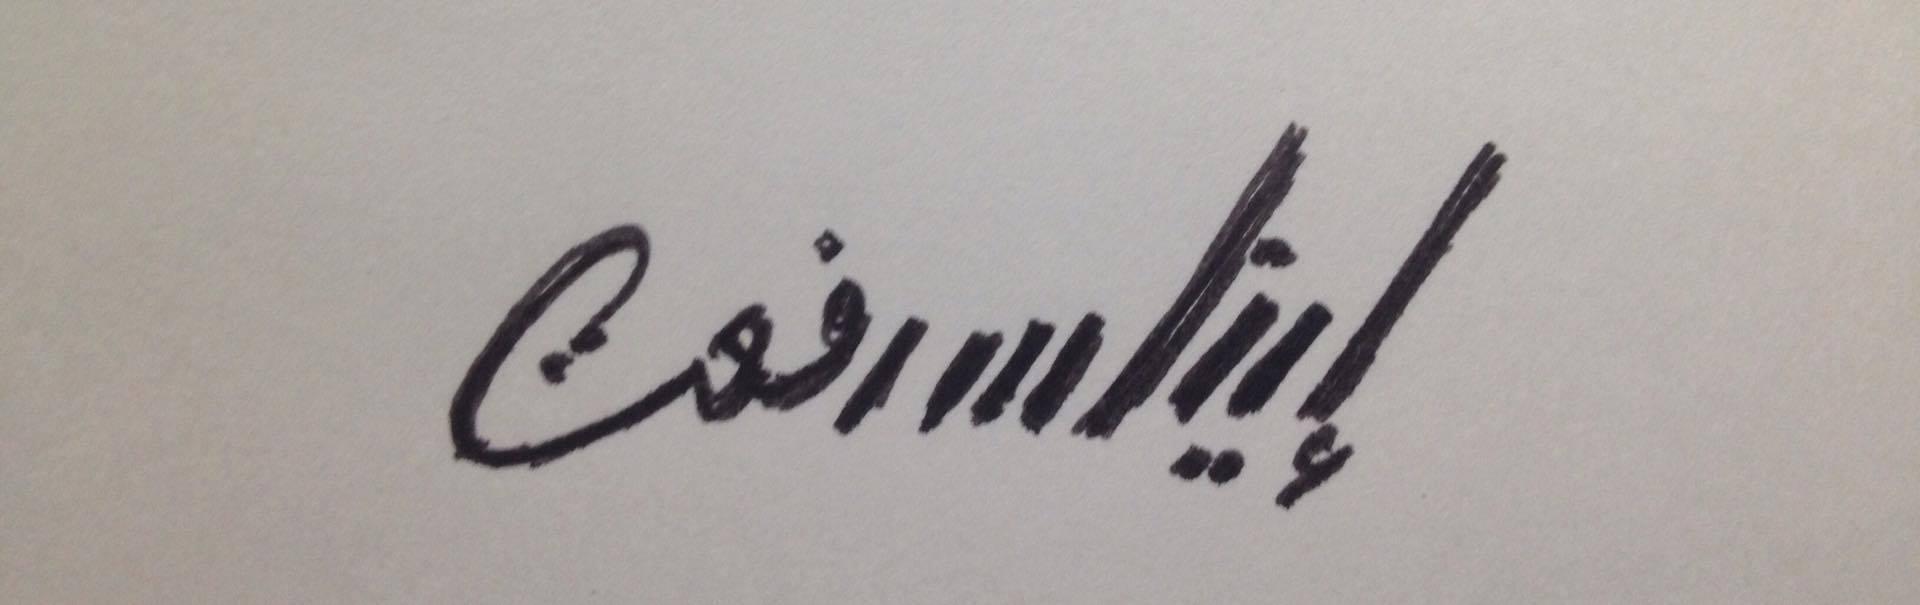 Enas Refaat's Signature